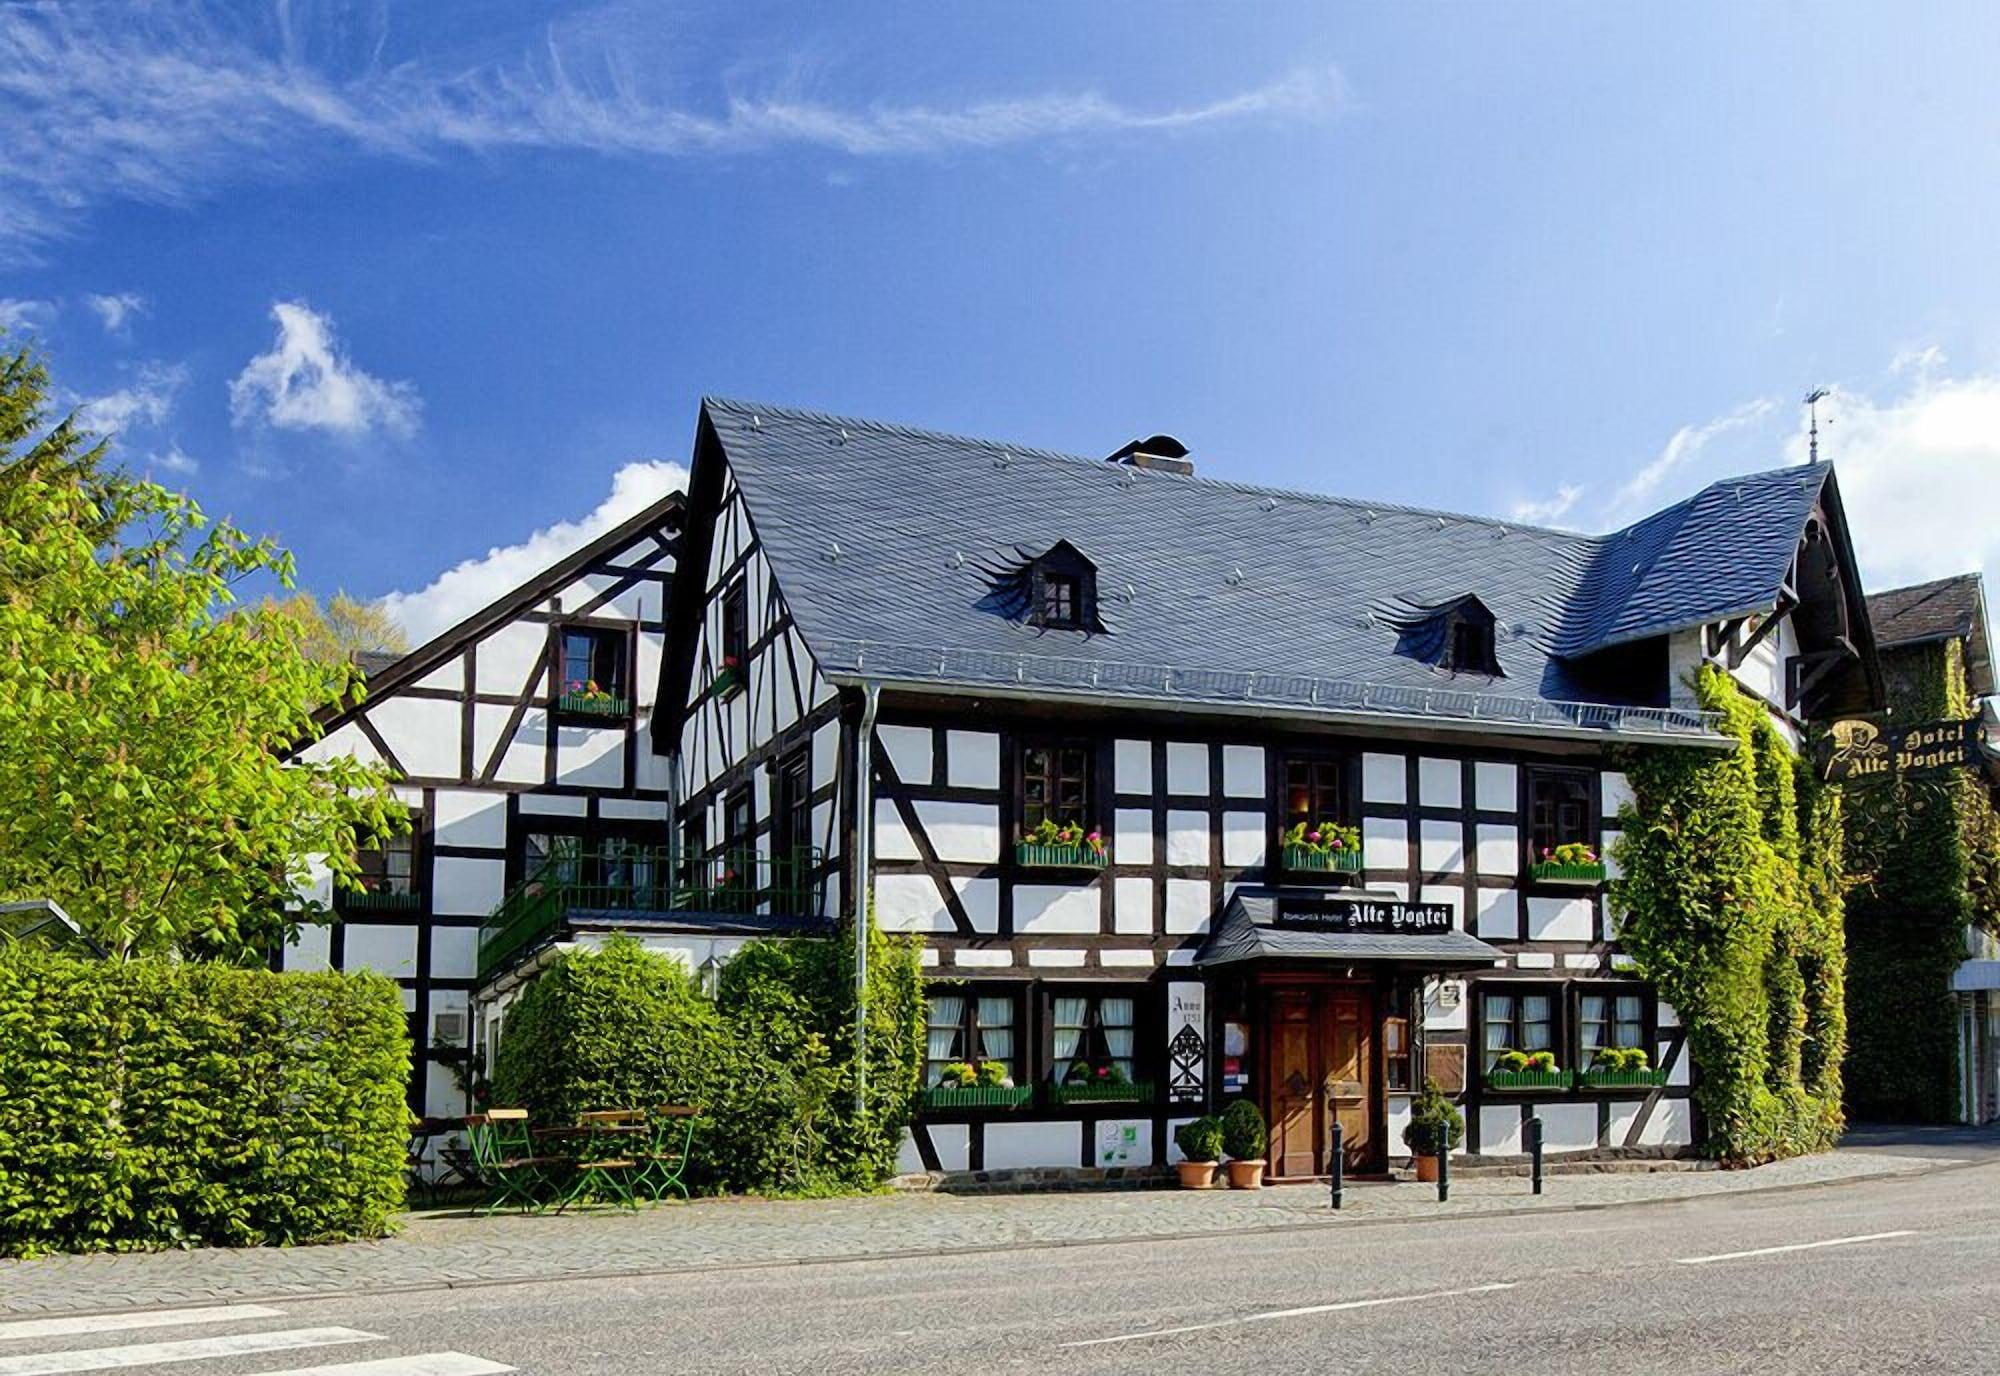 Romantik Hotel Alte Vogtei, Altenkirchen (Westerwald)